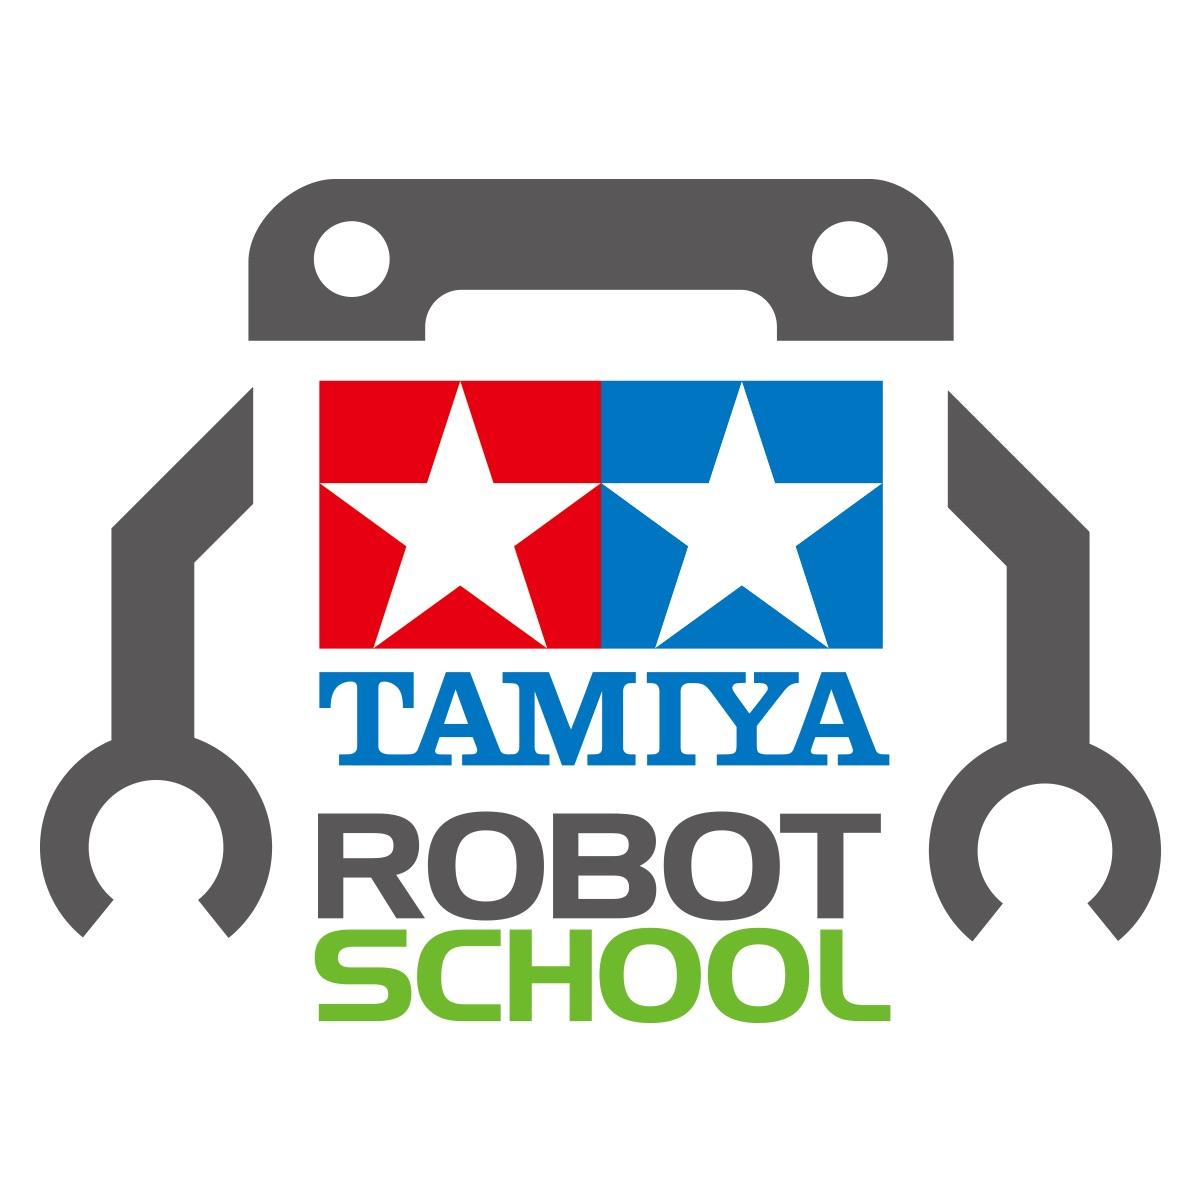 タミヤロボットスクール 中野教室